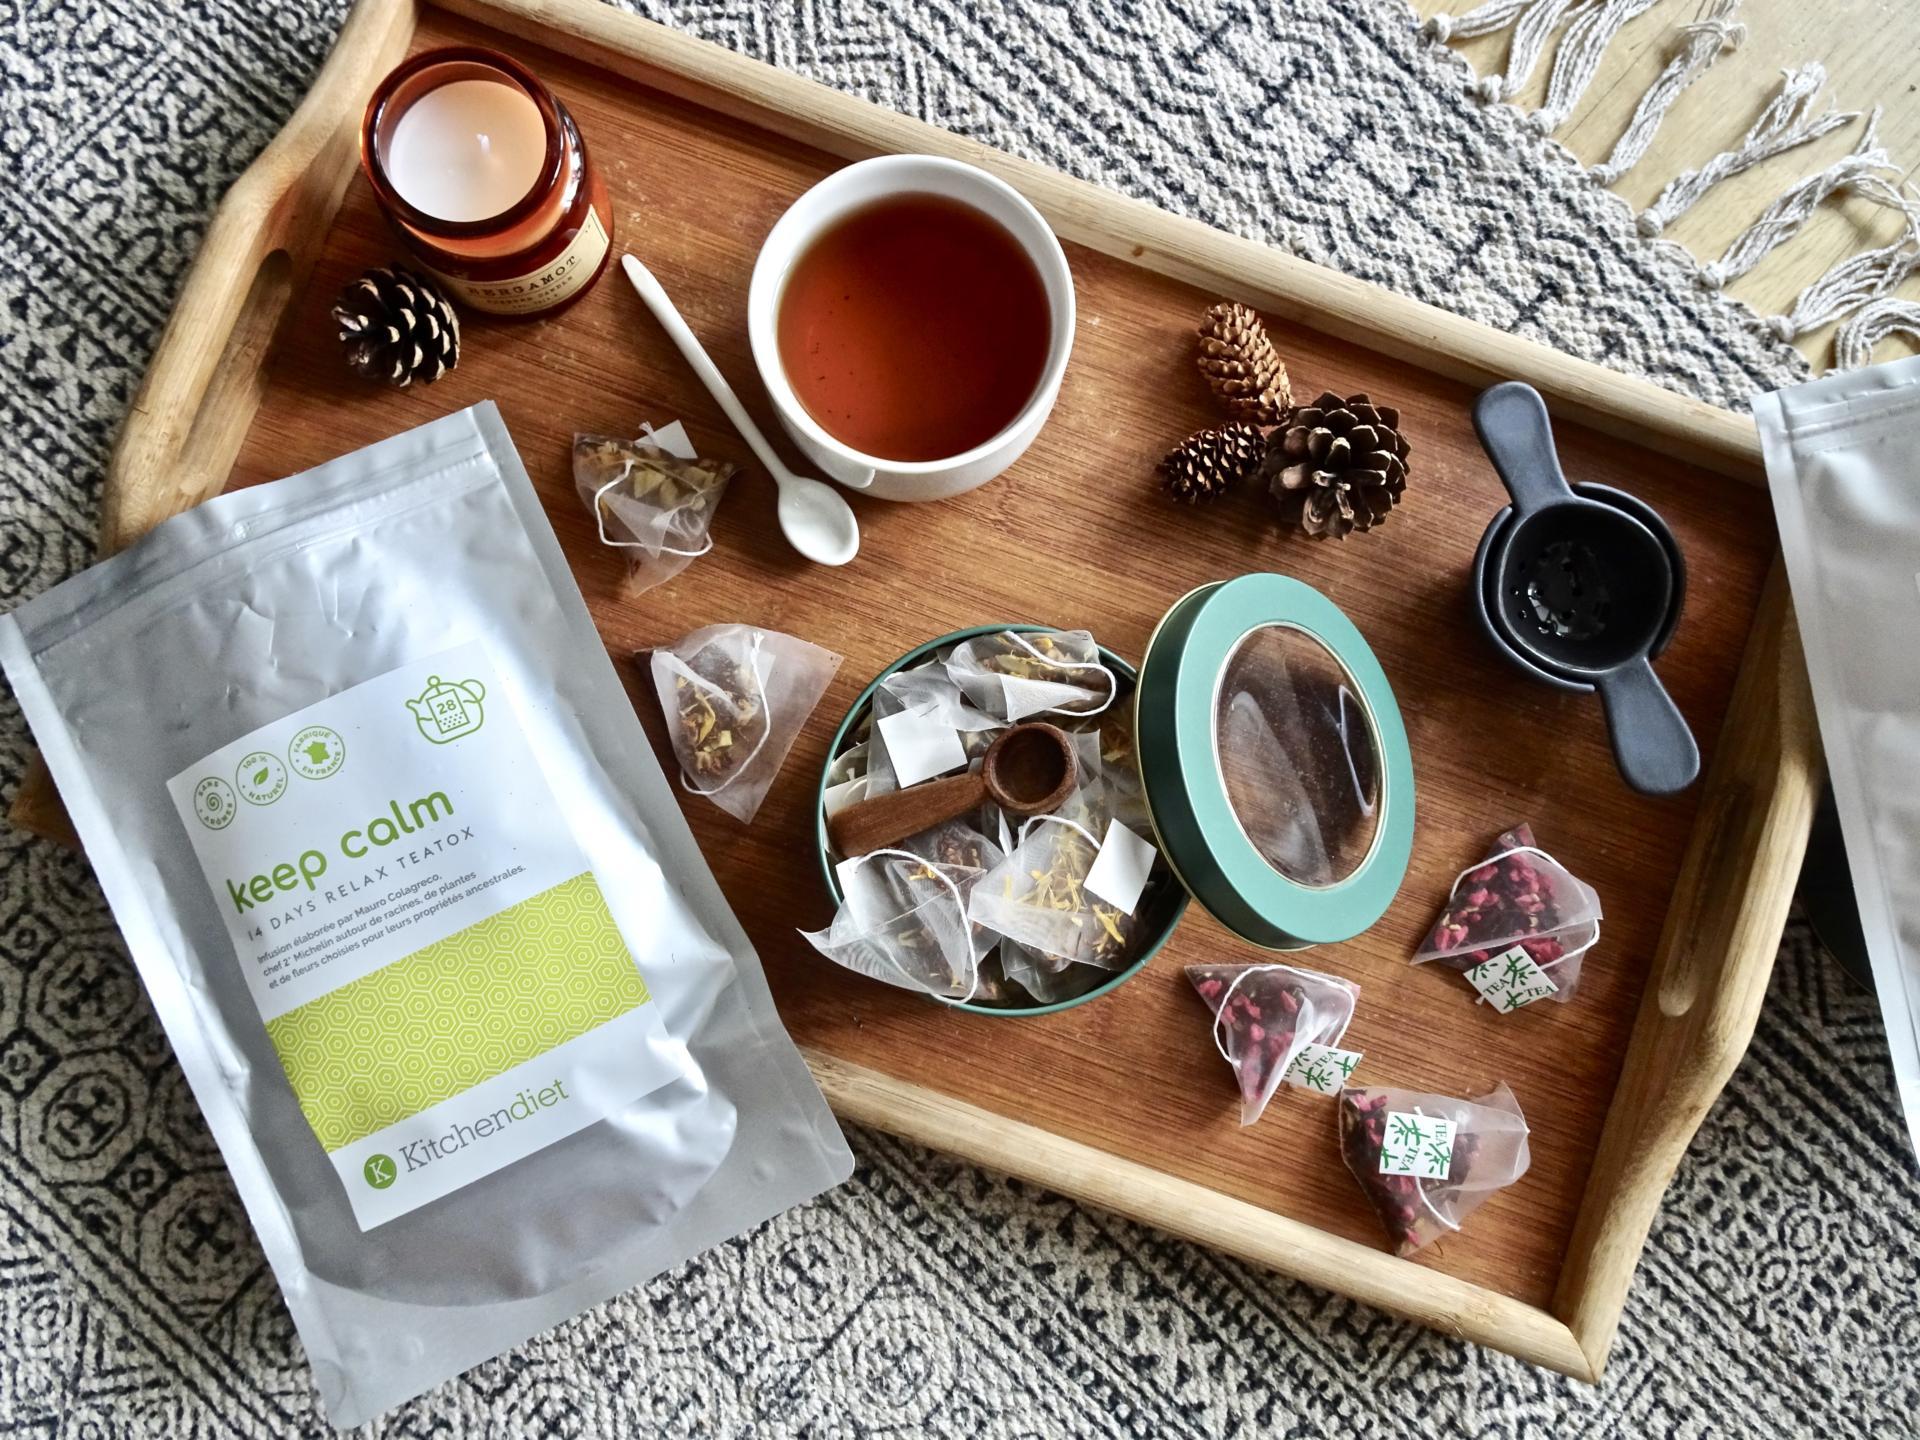 kitchendiet j 39 ai test la cure de th detox code promo sharefashion. Black Bedroom Furniture Sets. Home Design Ideas